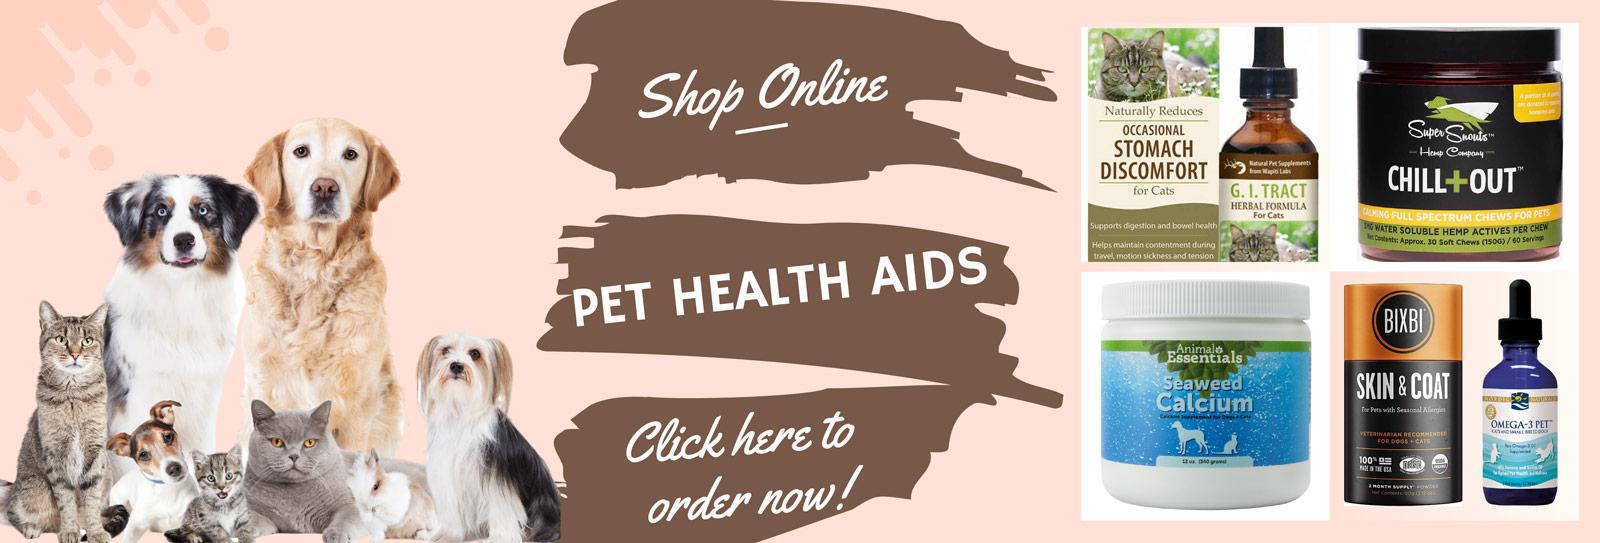 Pets Health Aids